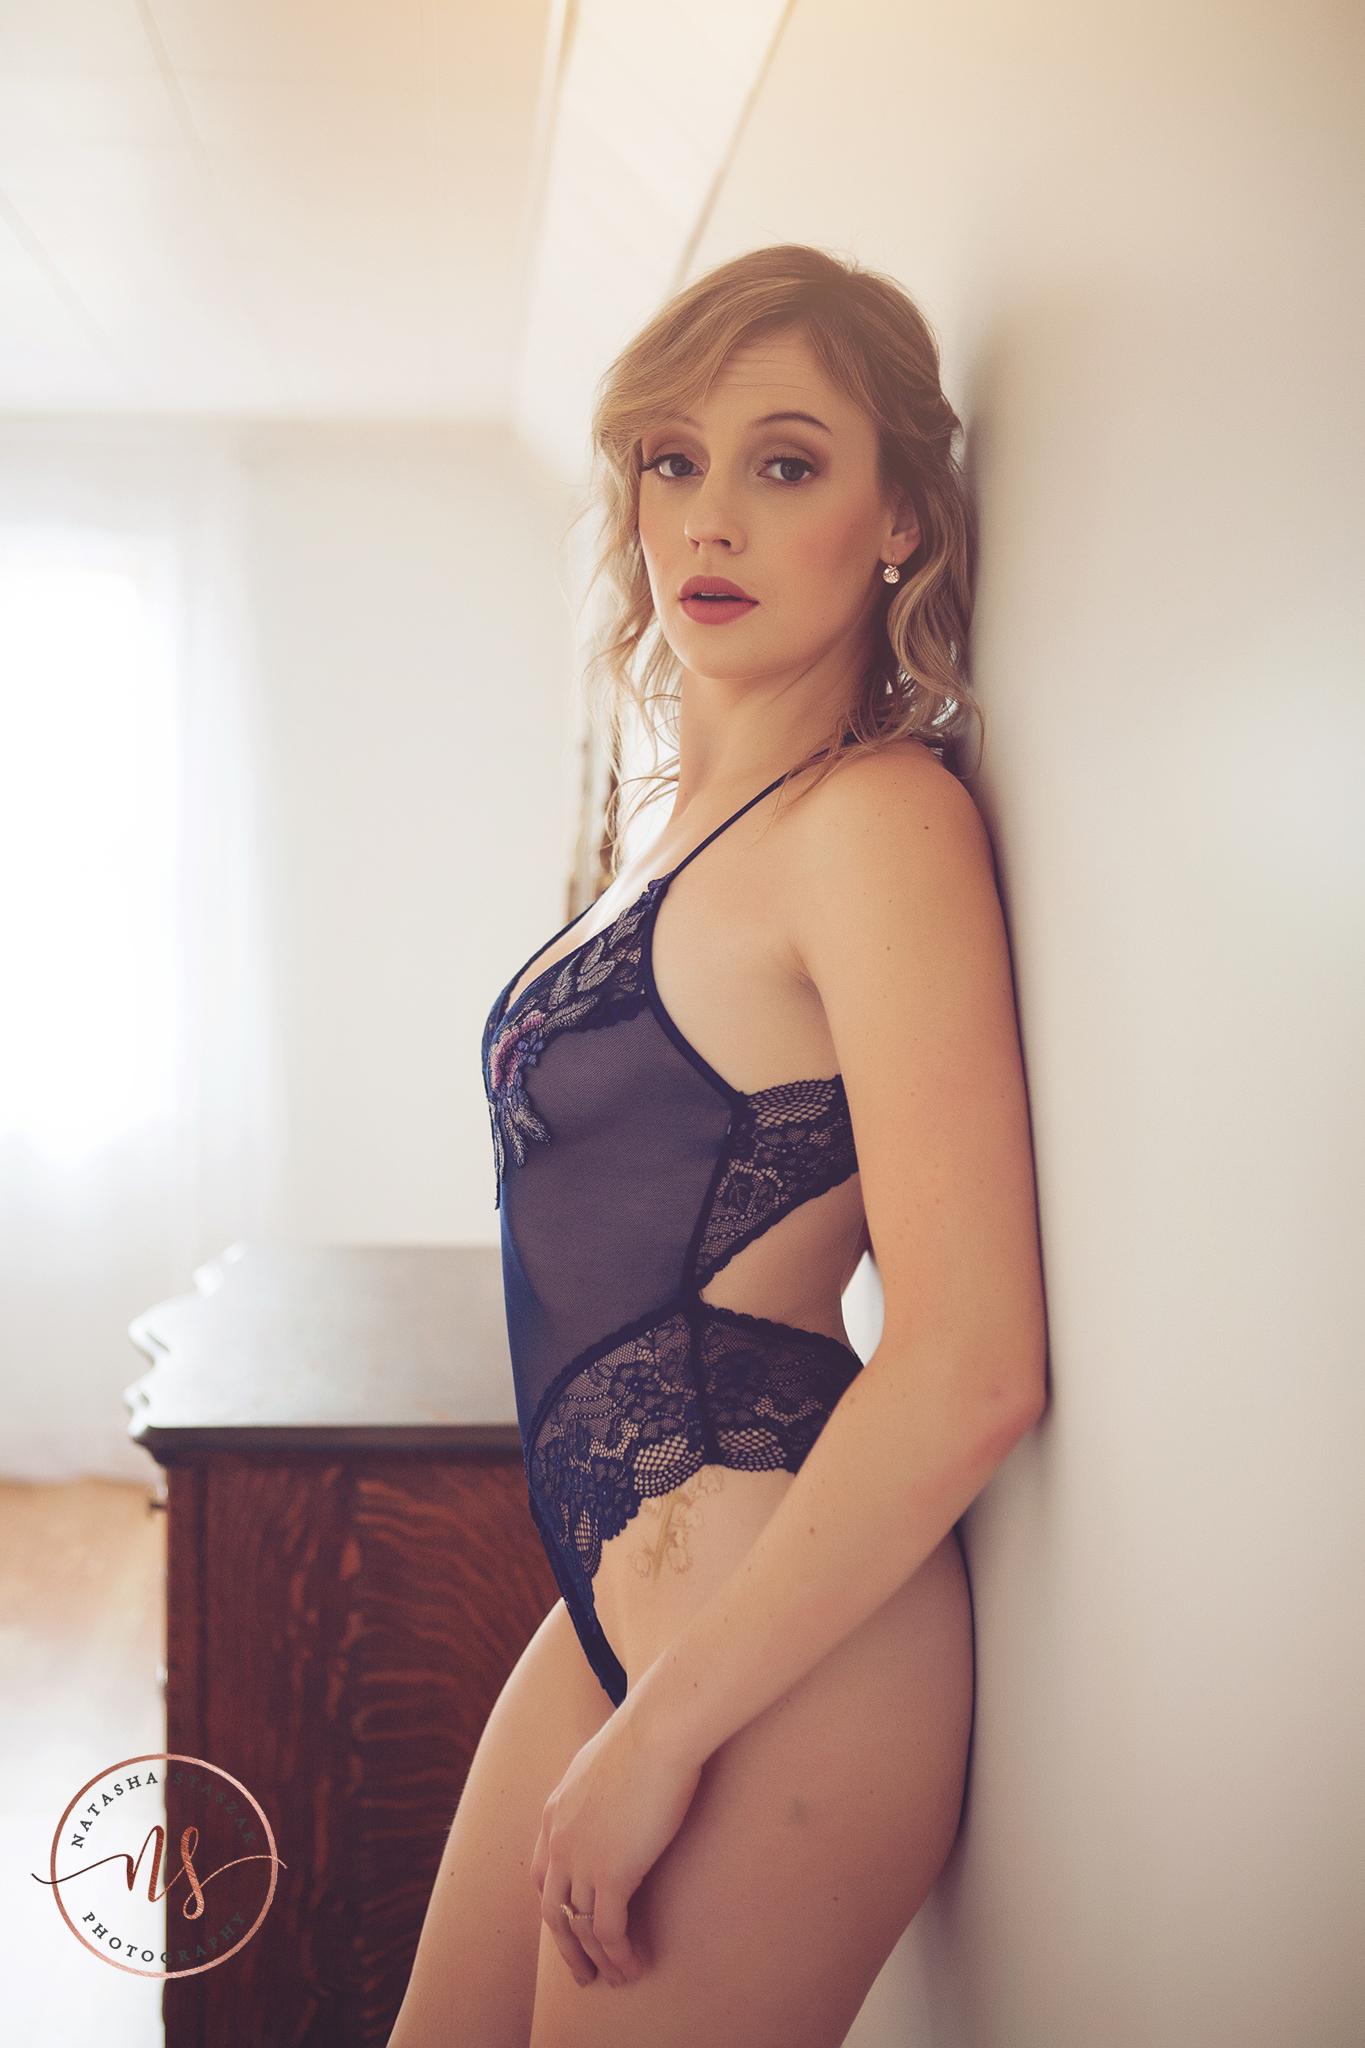 Woman in bodysuit boudoir shoot - Buffalo boudoir Natasha Staszak.